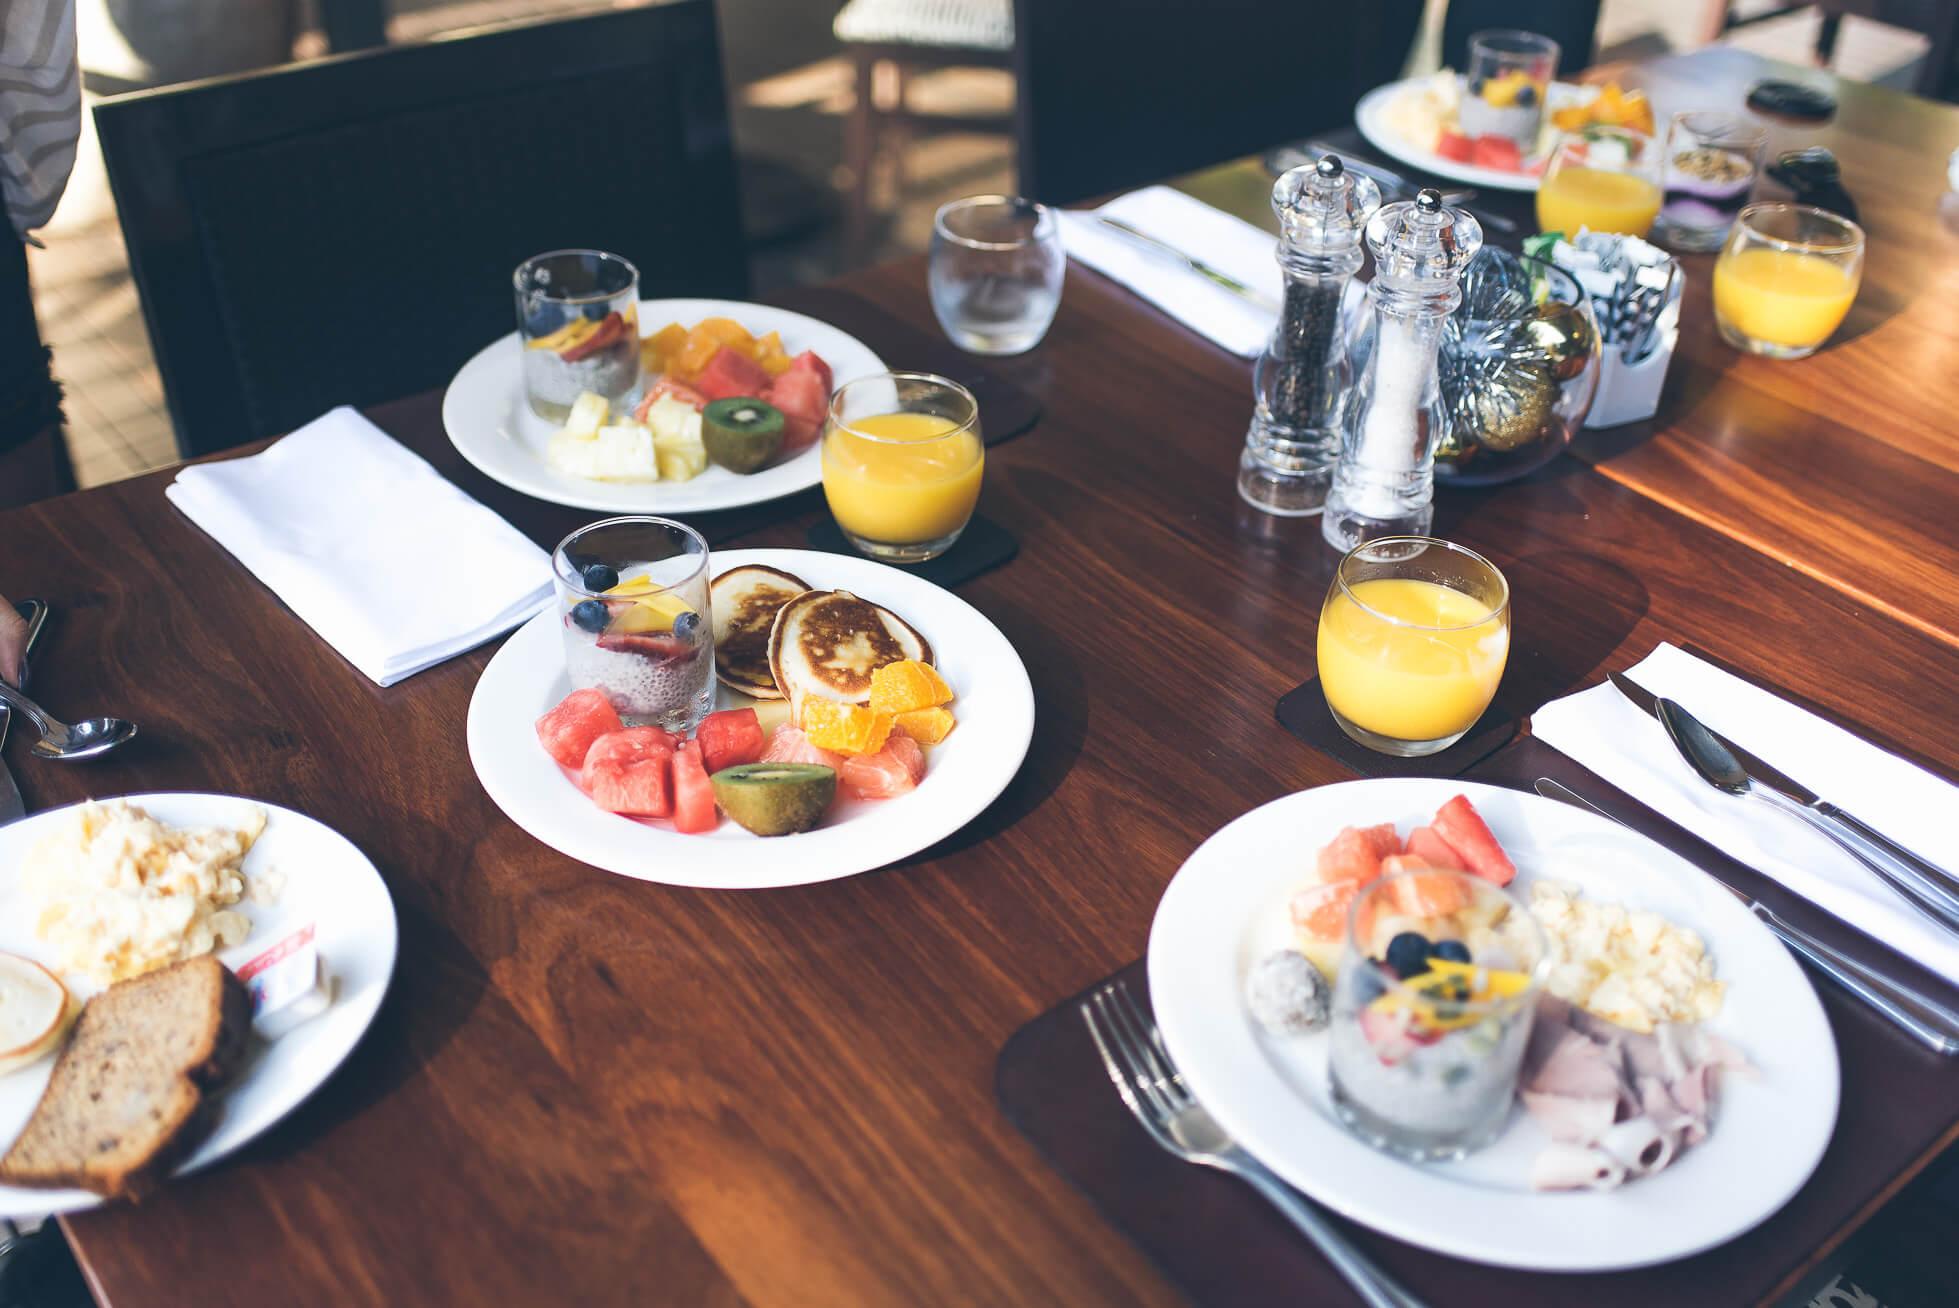 janni-deler-aussie-breakfastDSC_3105